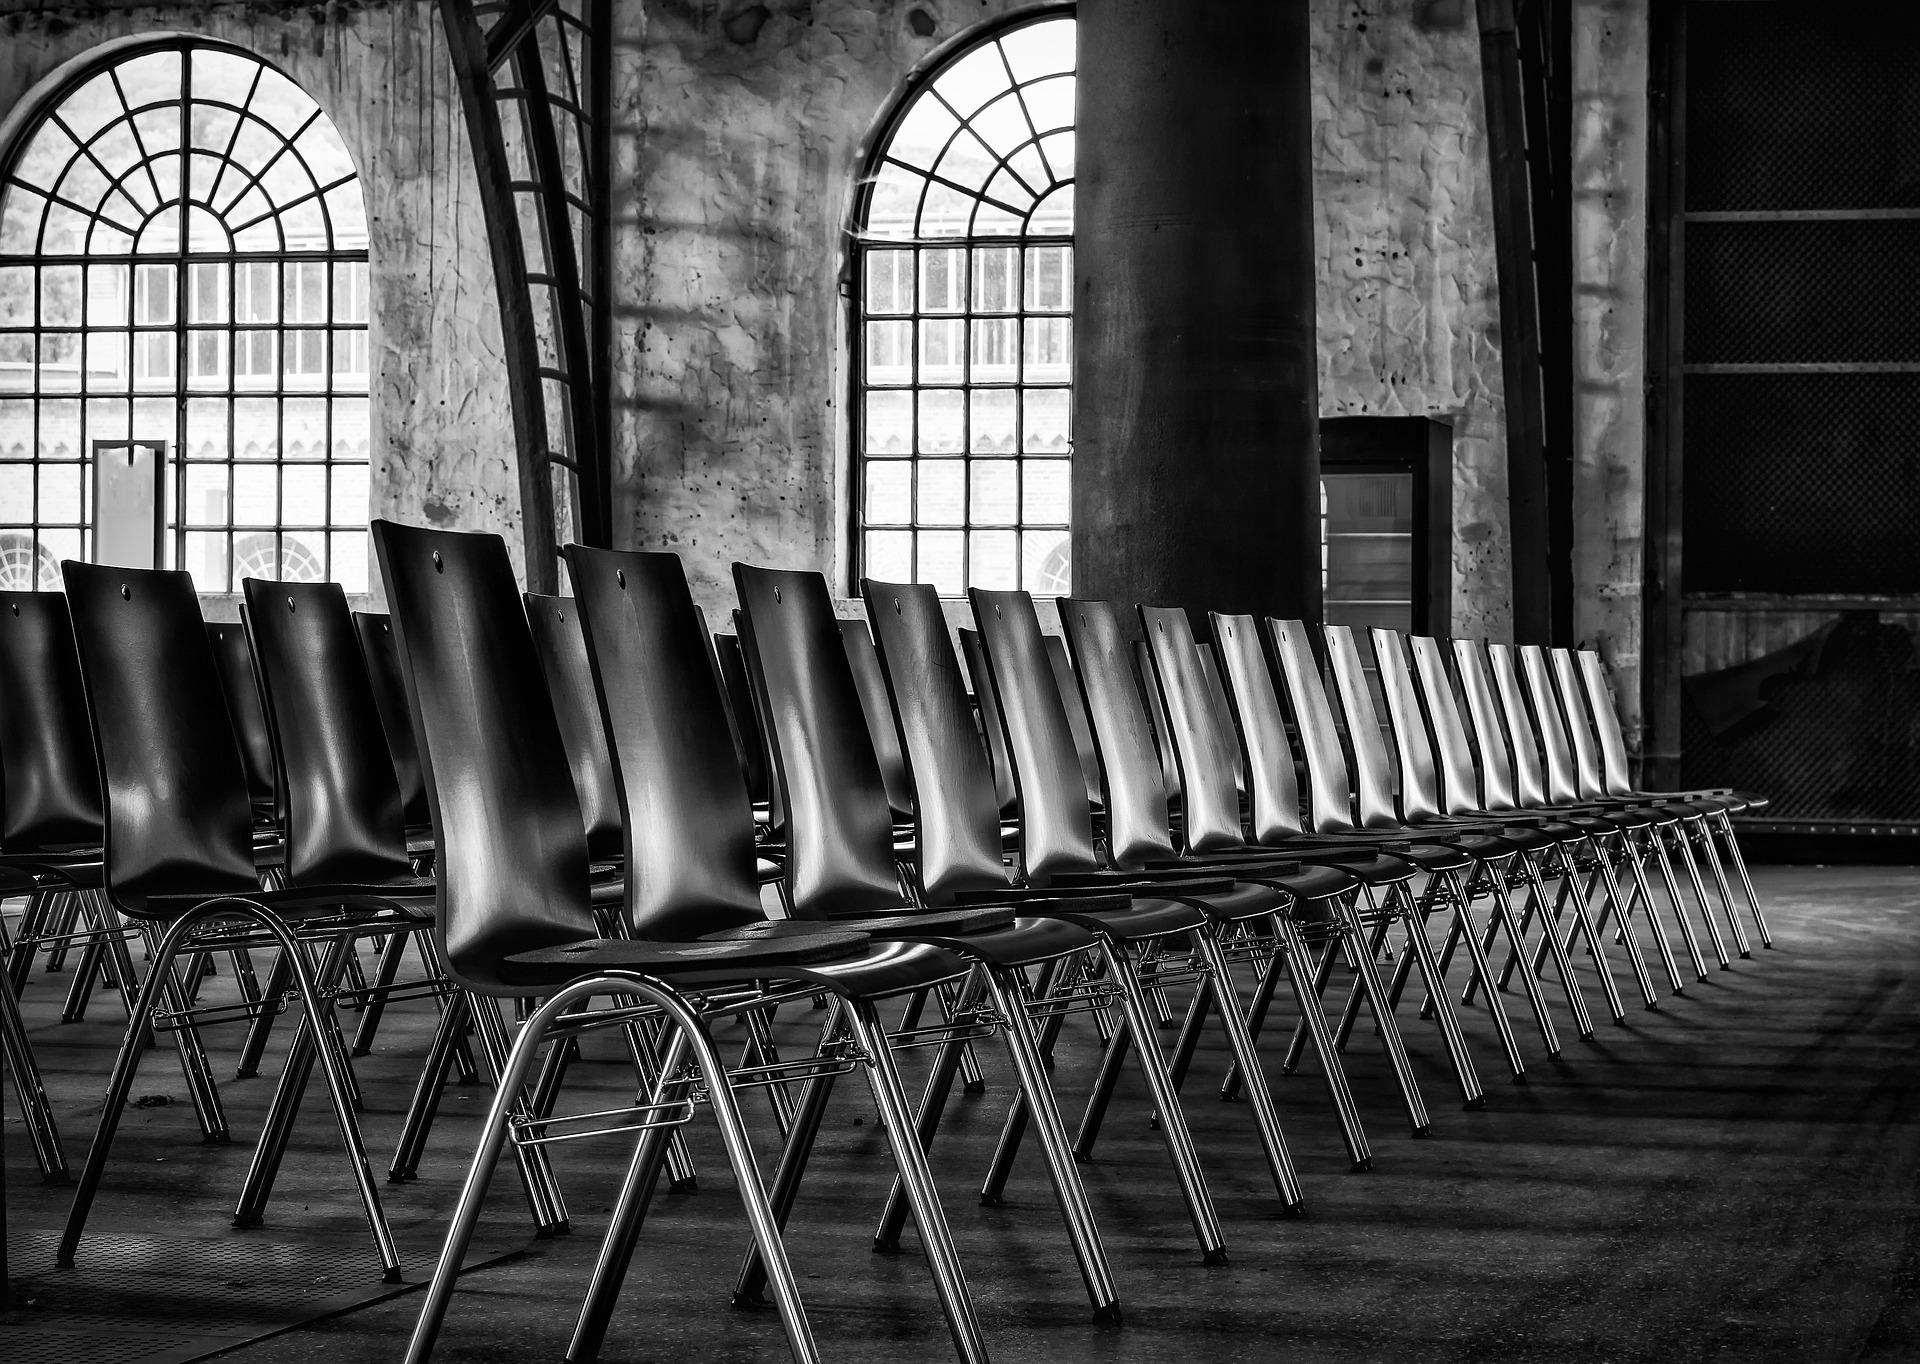 Mustavalkoinen kuva tapahtumatilasta, jossa on riveissä tyhjiä metallijalkaisia tuoleja. Taustalla on kaksi kaarimallista, pikkuisista ruuduista muodostuvaa ikkunaa ja kiviseinät.